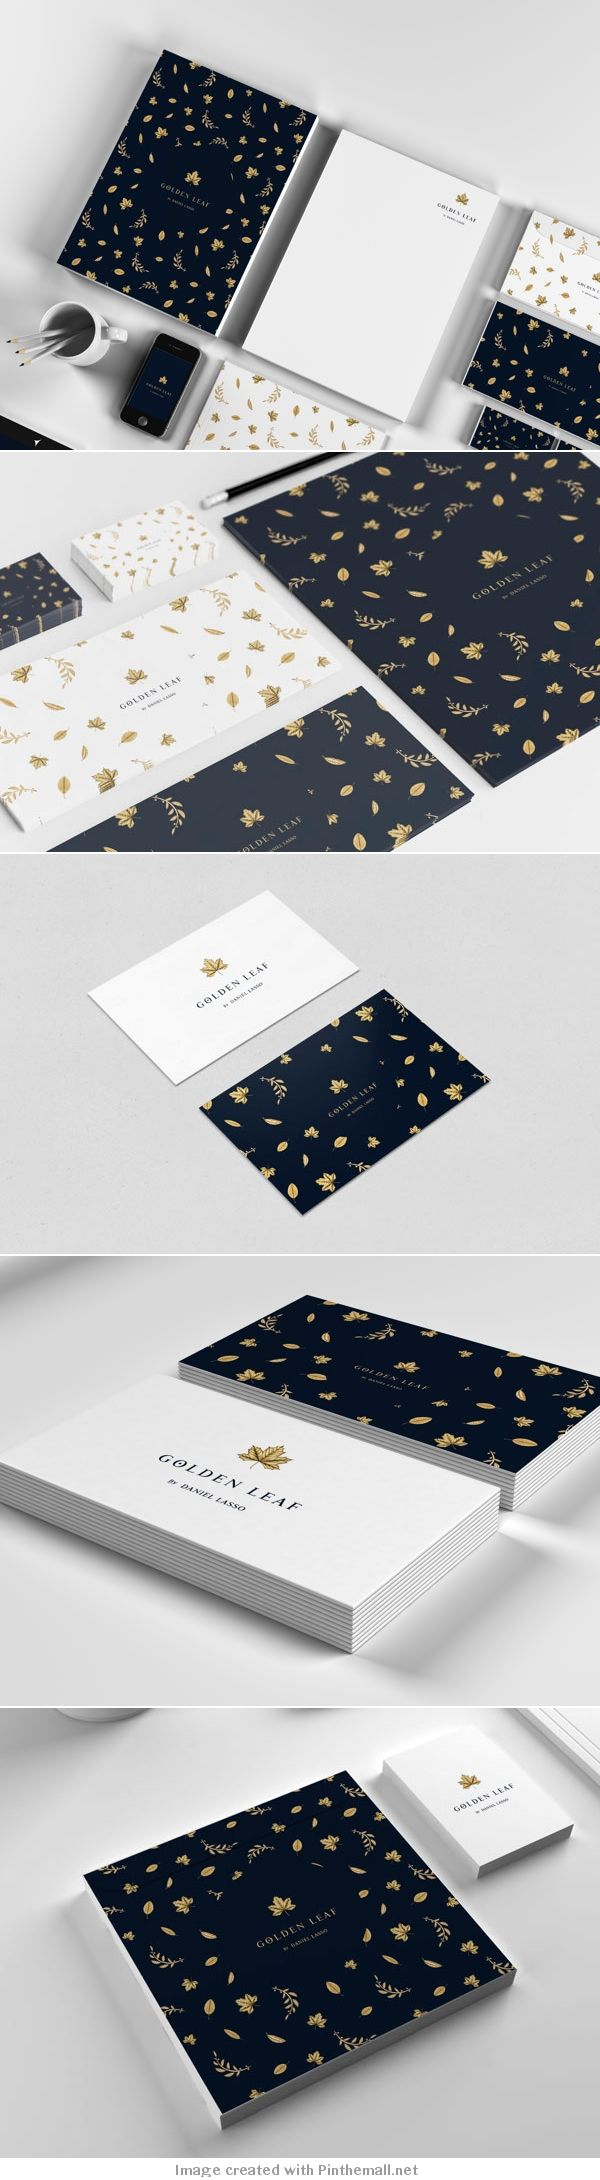 Golden Leaf Branding by Daniel Lasso Casas